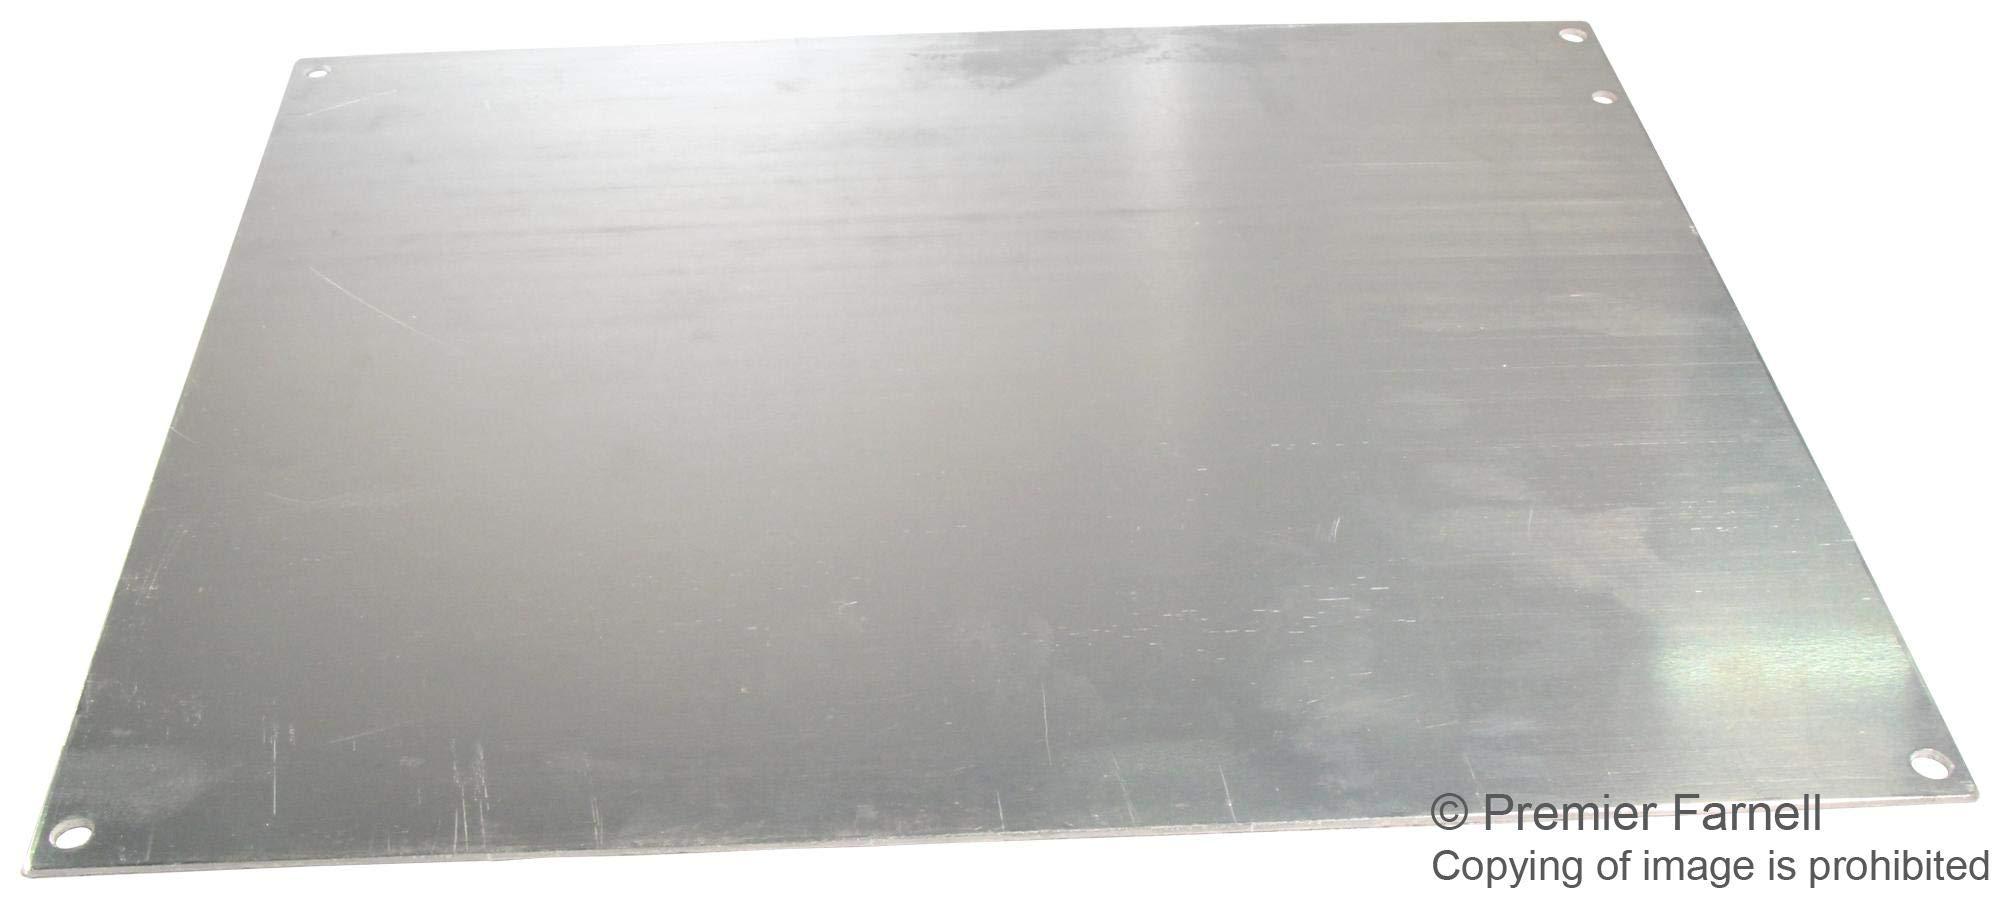 A-14P12AL - Panel, 0.080 2mm thick, Aluminium, White, Junction Boxes, 324 mm, 276 mm (A-14P12AL)